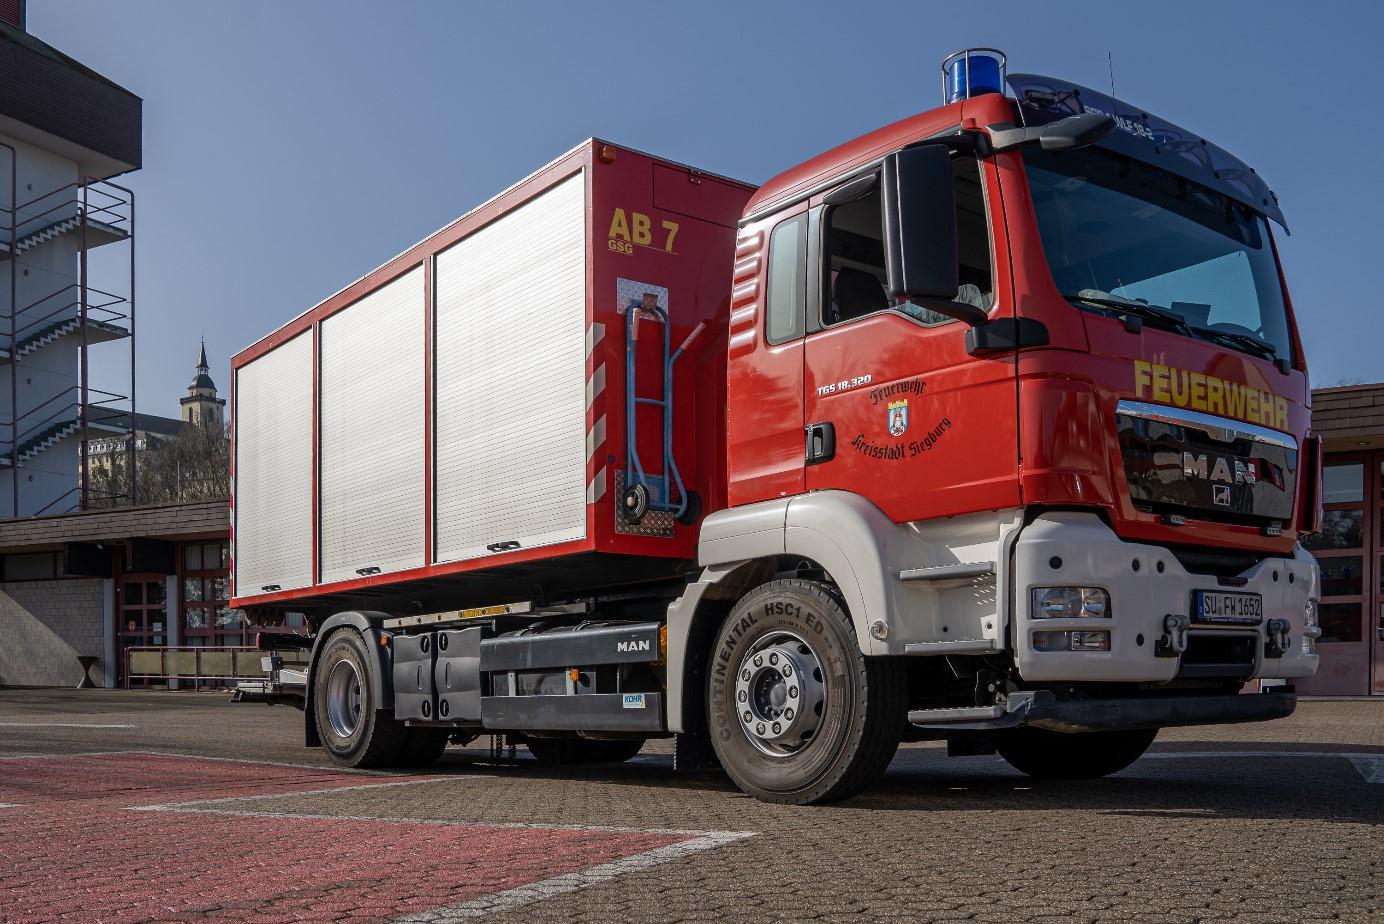 Bild vom Wechselladerfahrzeuge (WLF 2) der Freiwilligen Feuerwehr Siegburg